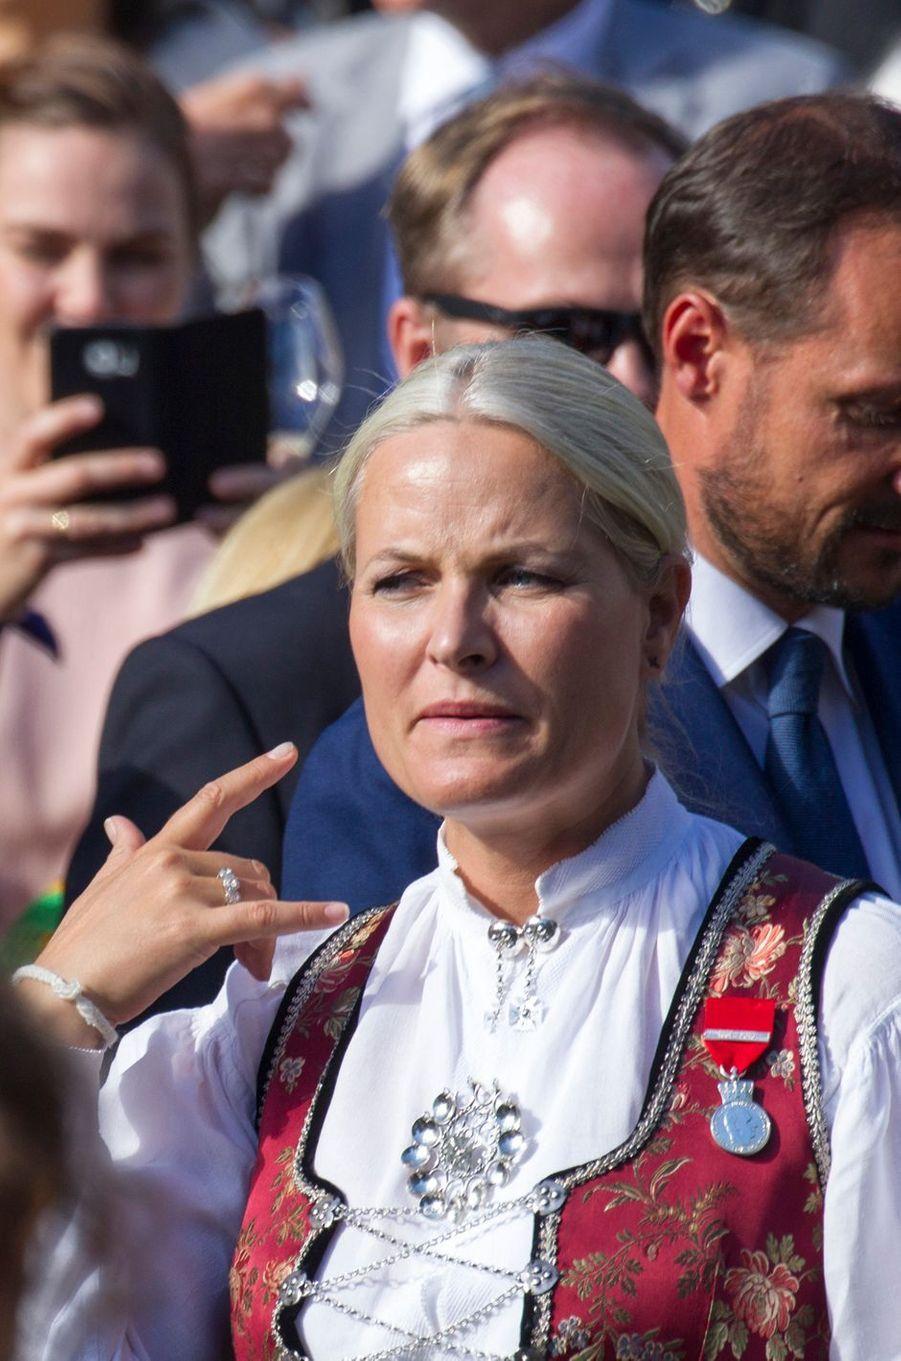 La princesse Mette-Marit de Norvège à Oslo, le 1er septembre 2016